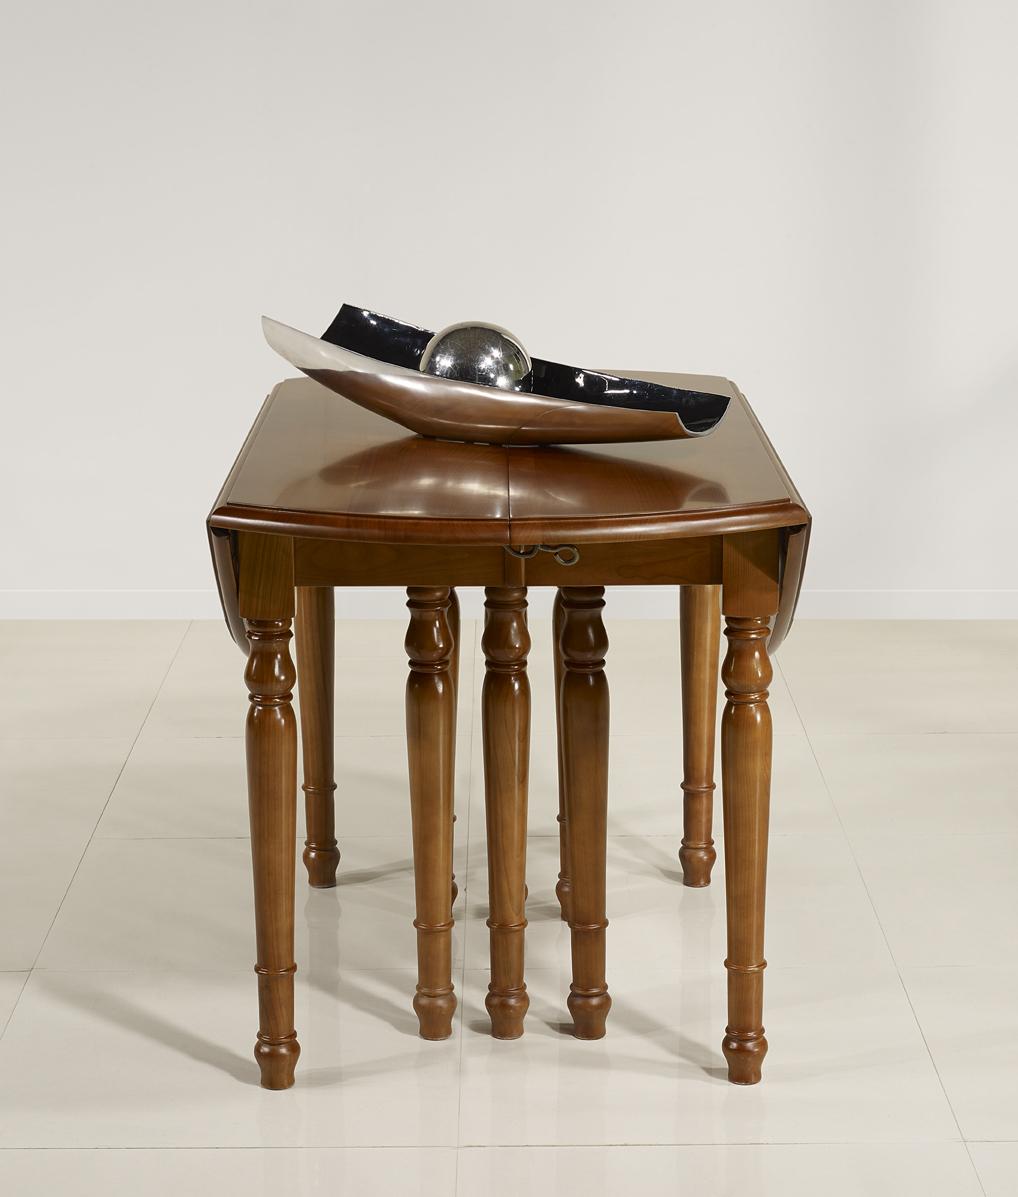 Table ronde volets diametre 120 en ch ne massif de style - Diametre table ronde pour 10 personnes ...